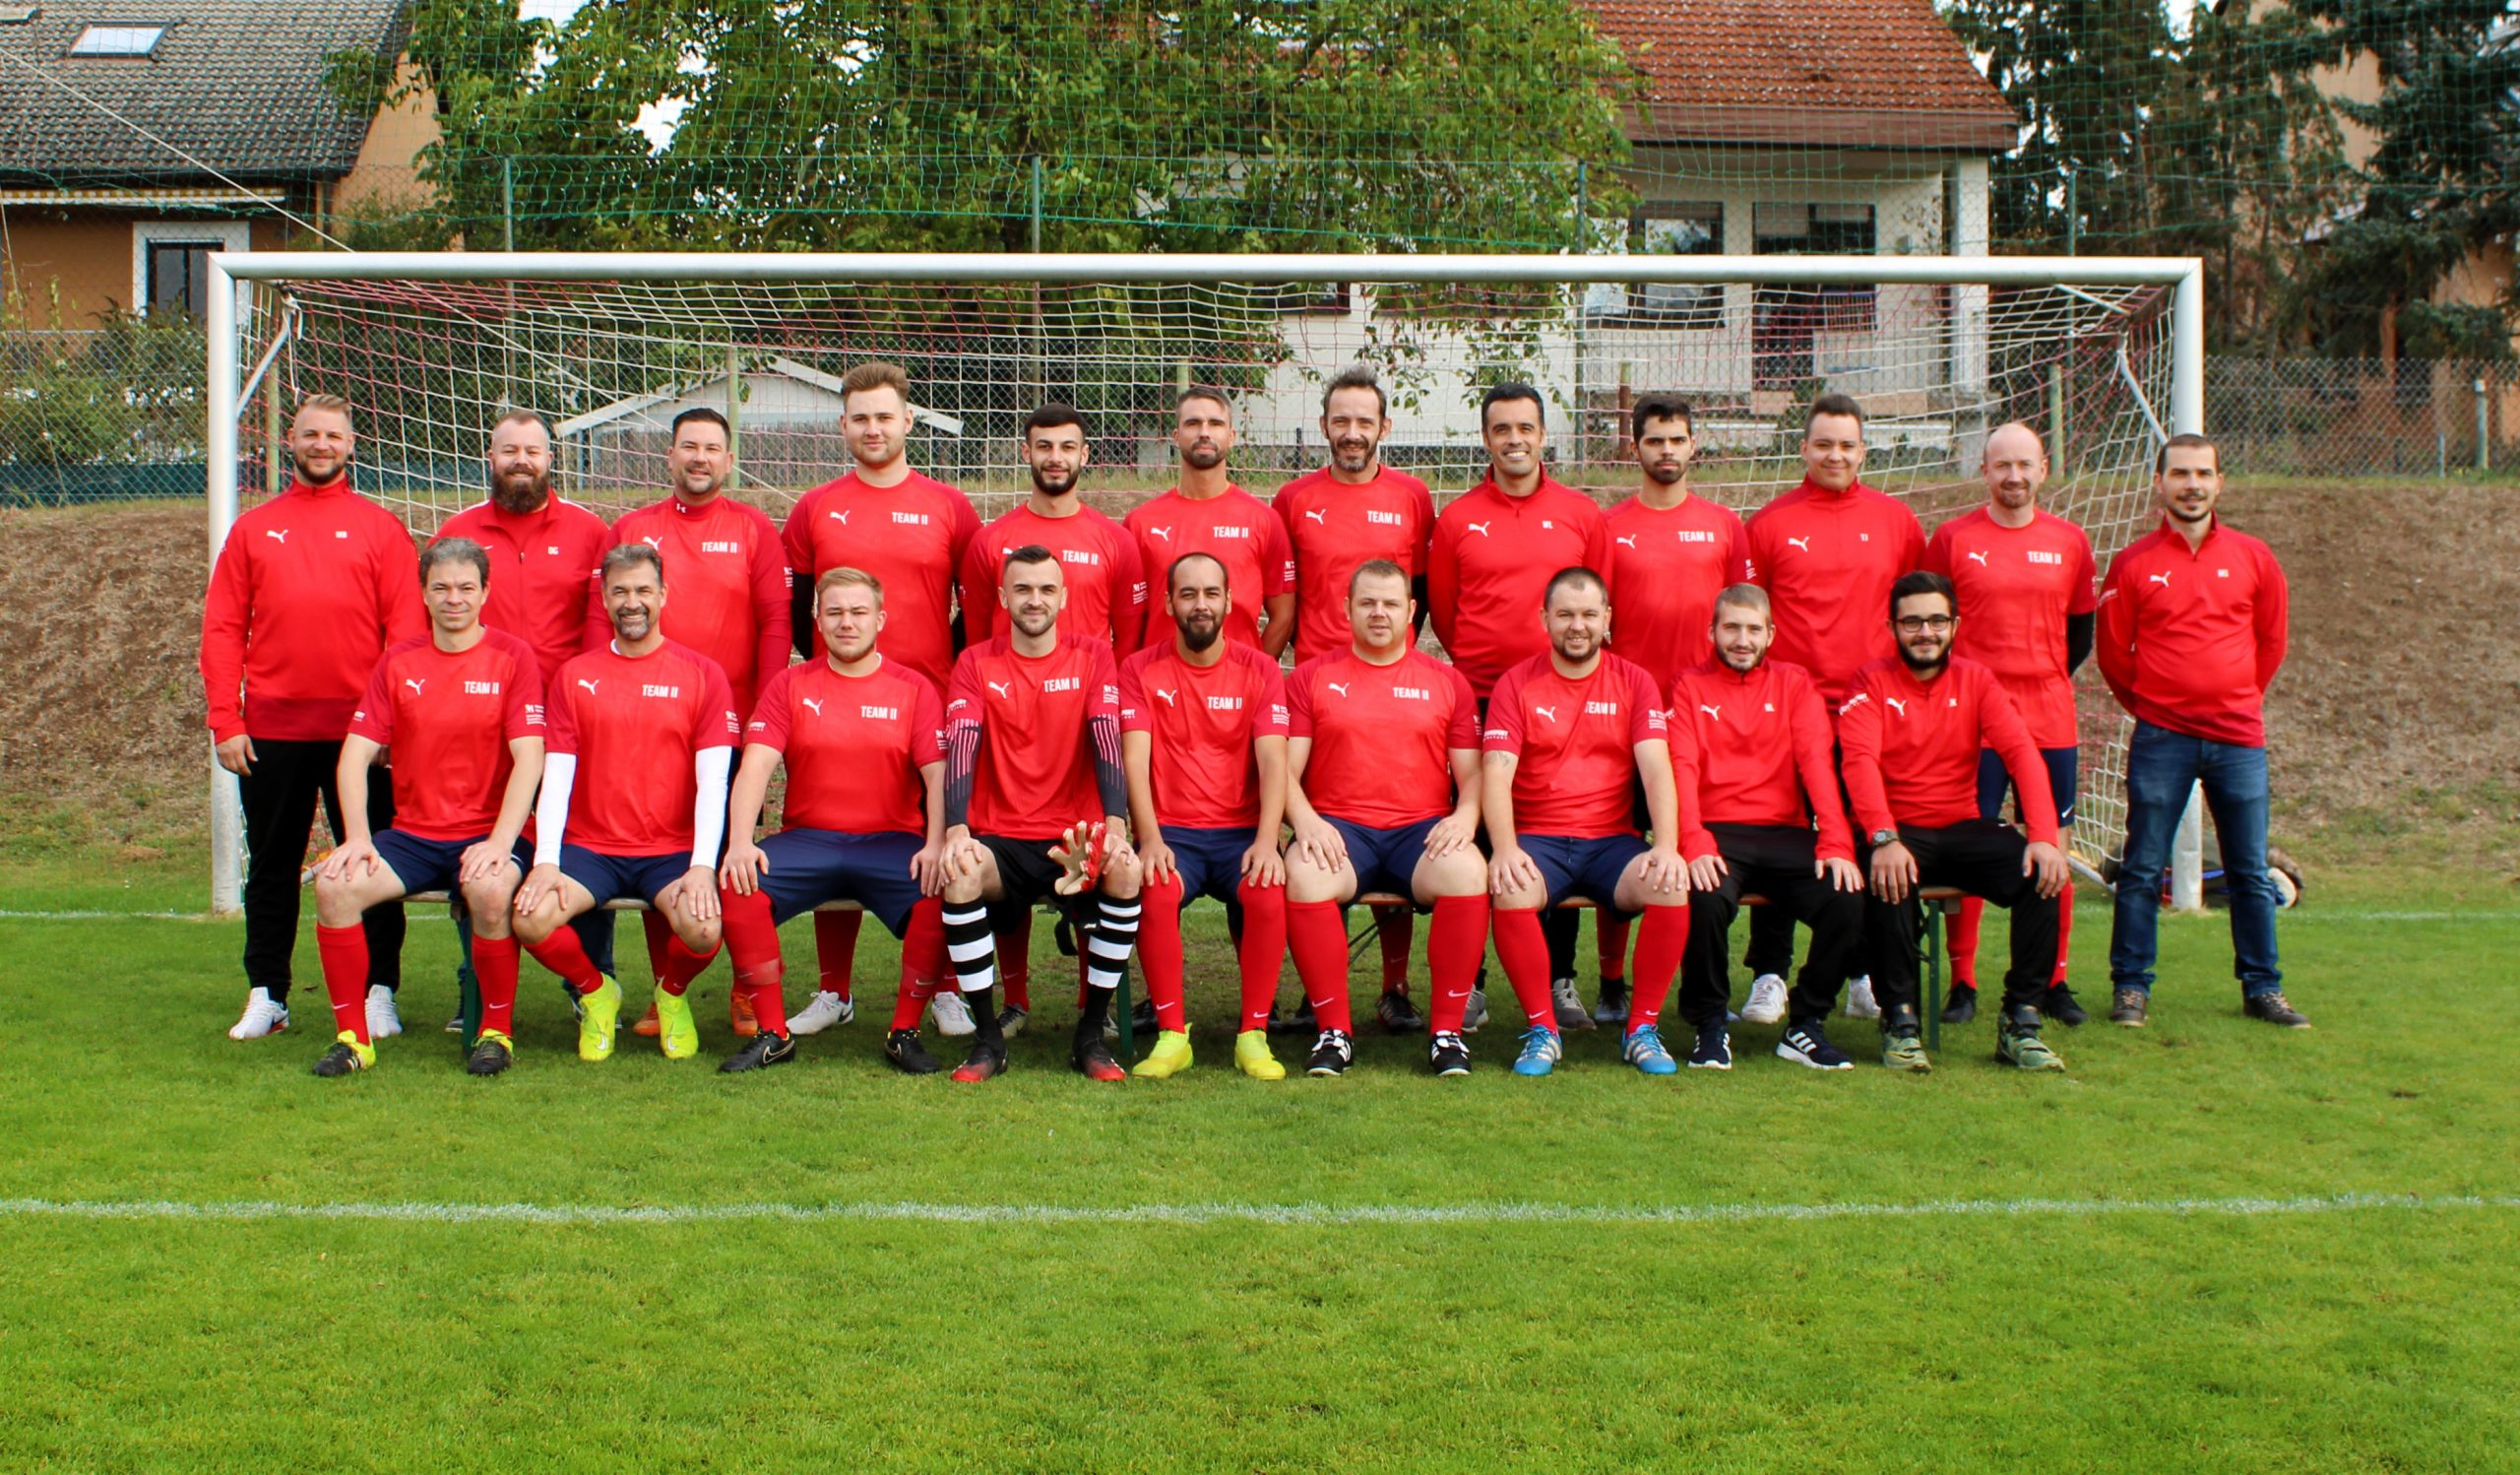 2. Mannschaft Tus Hochheim-Worms